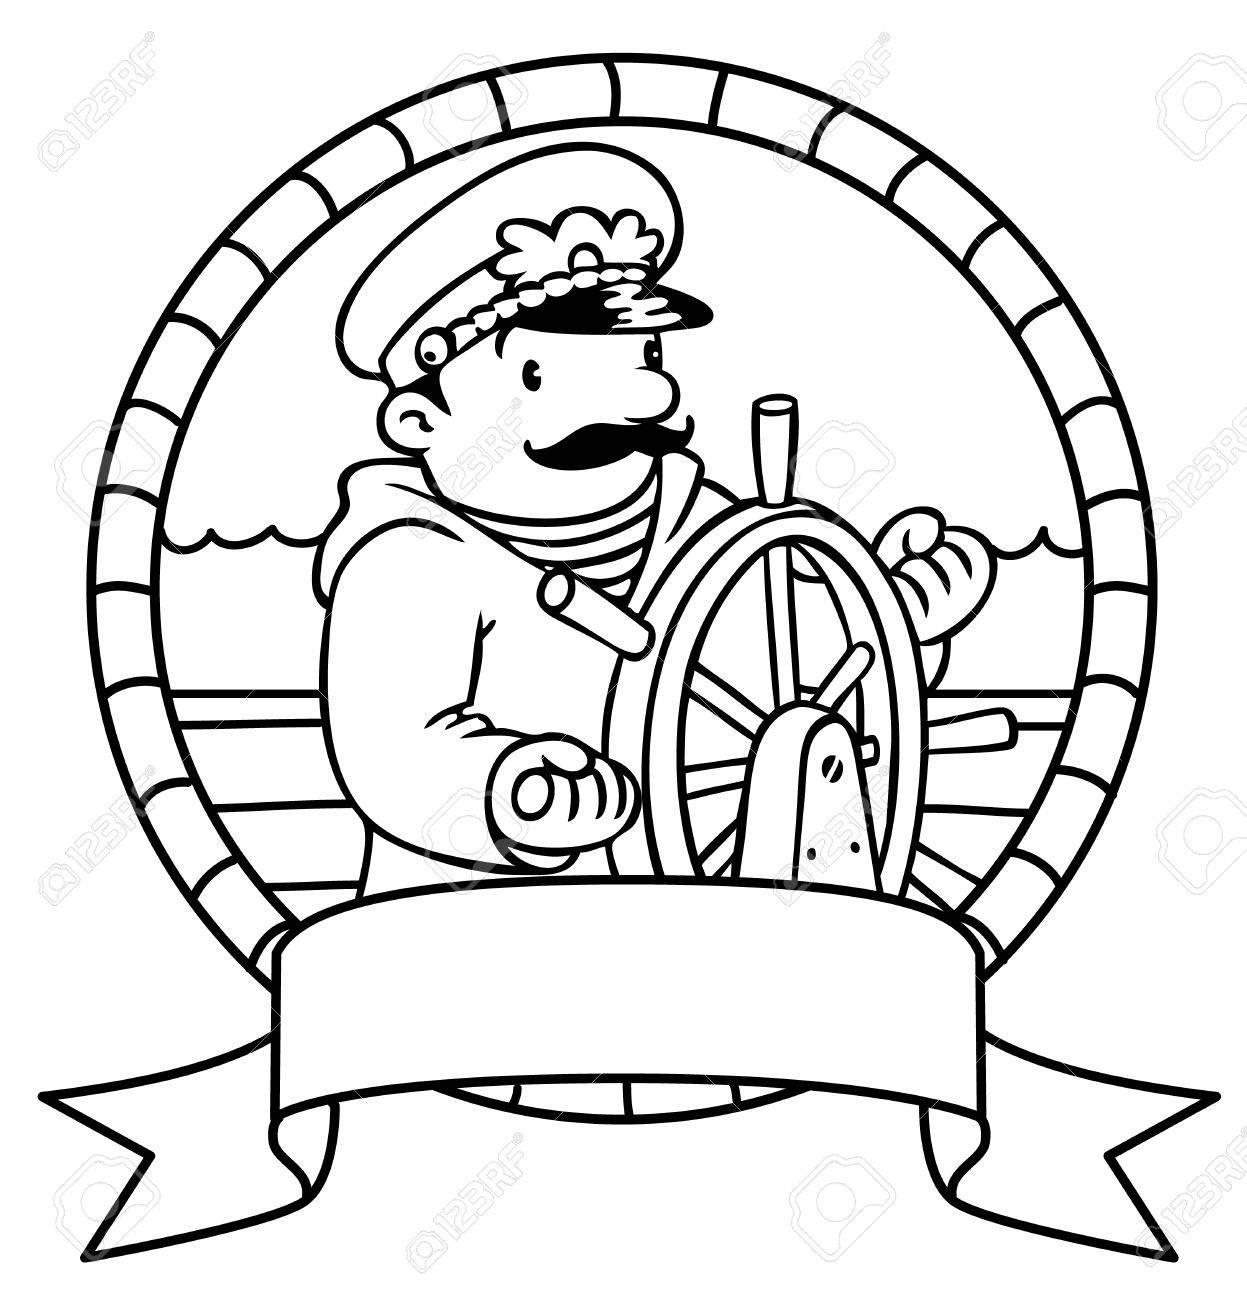 Colorear La Imagen O Colorear Libro O Emblema De Capitán Gracioso O ...